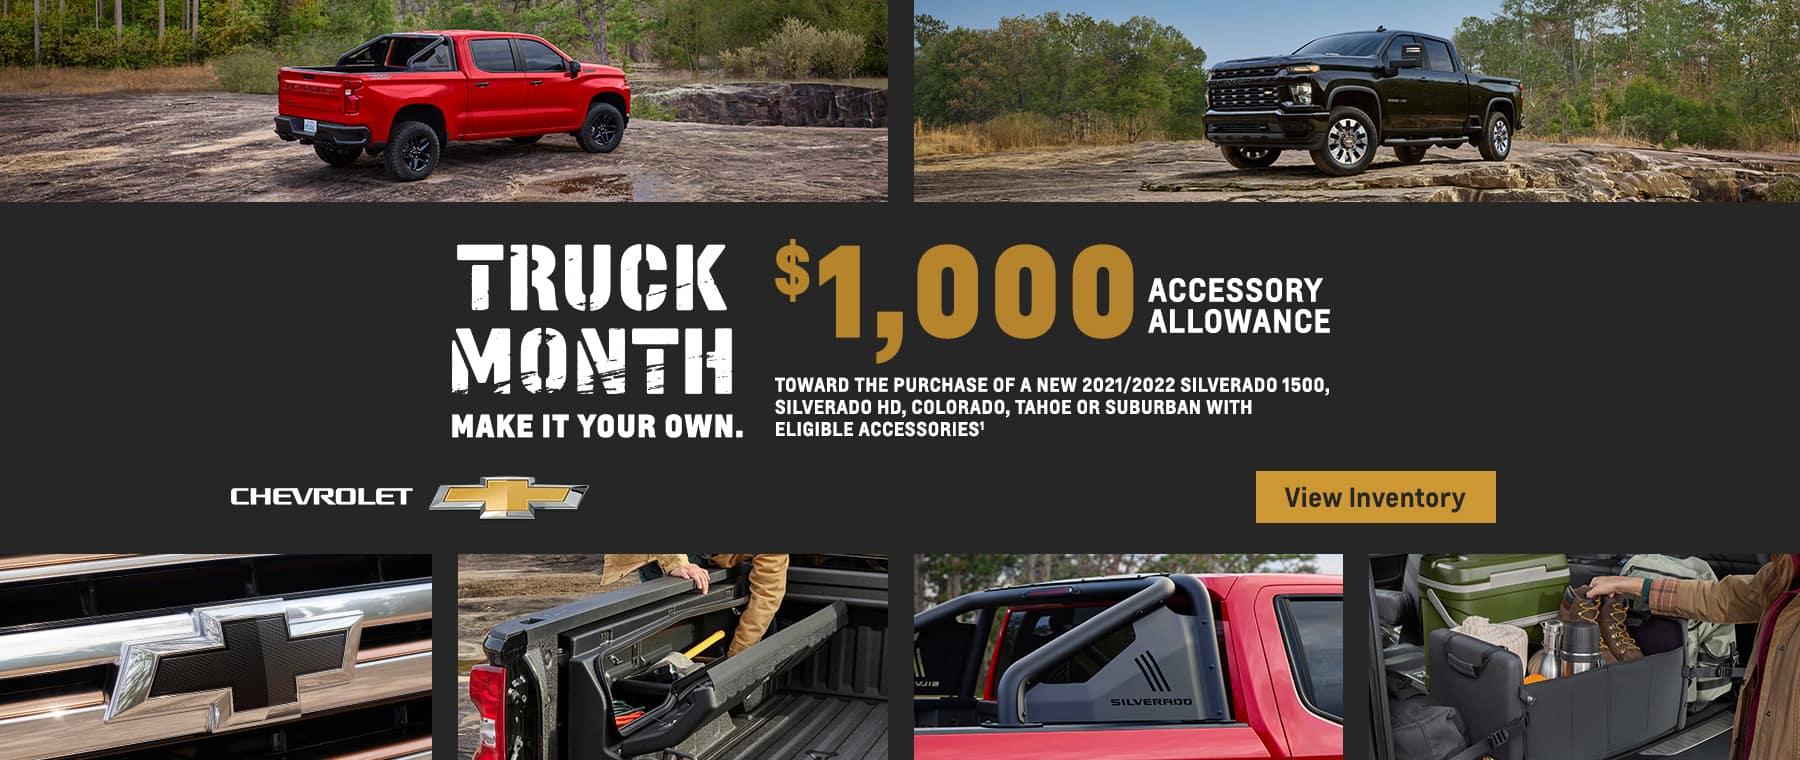 truck month accessory allowance